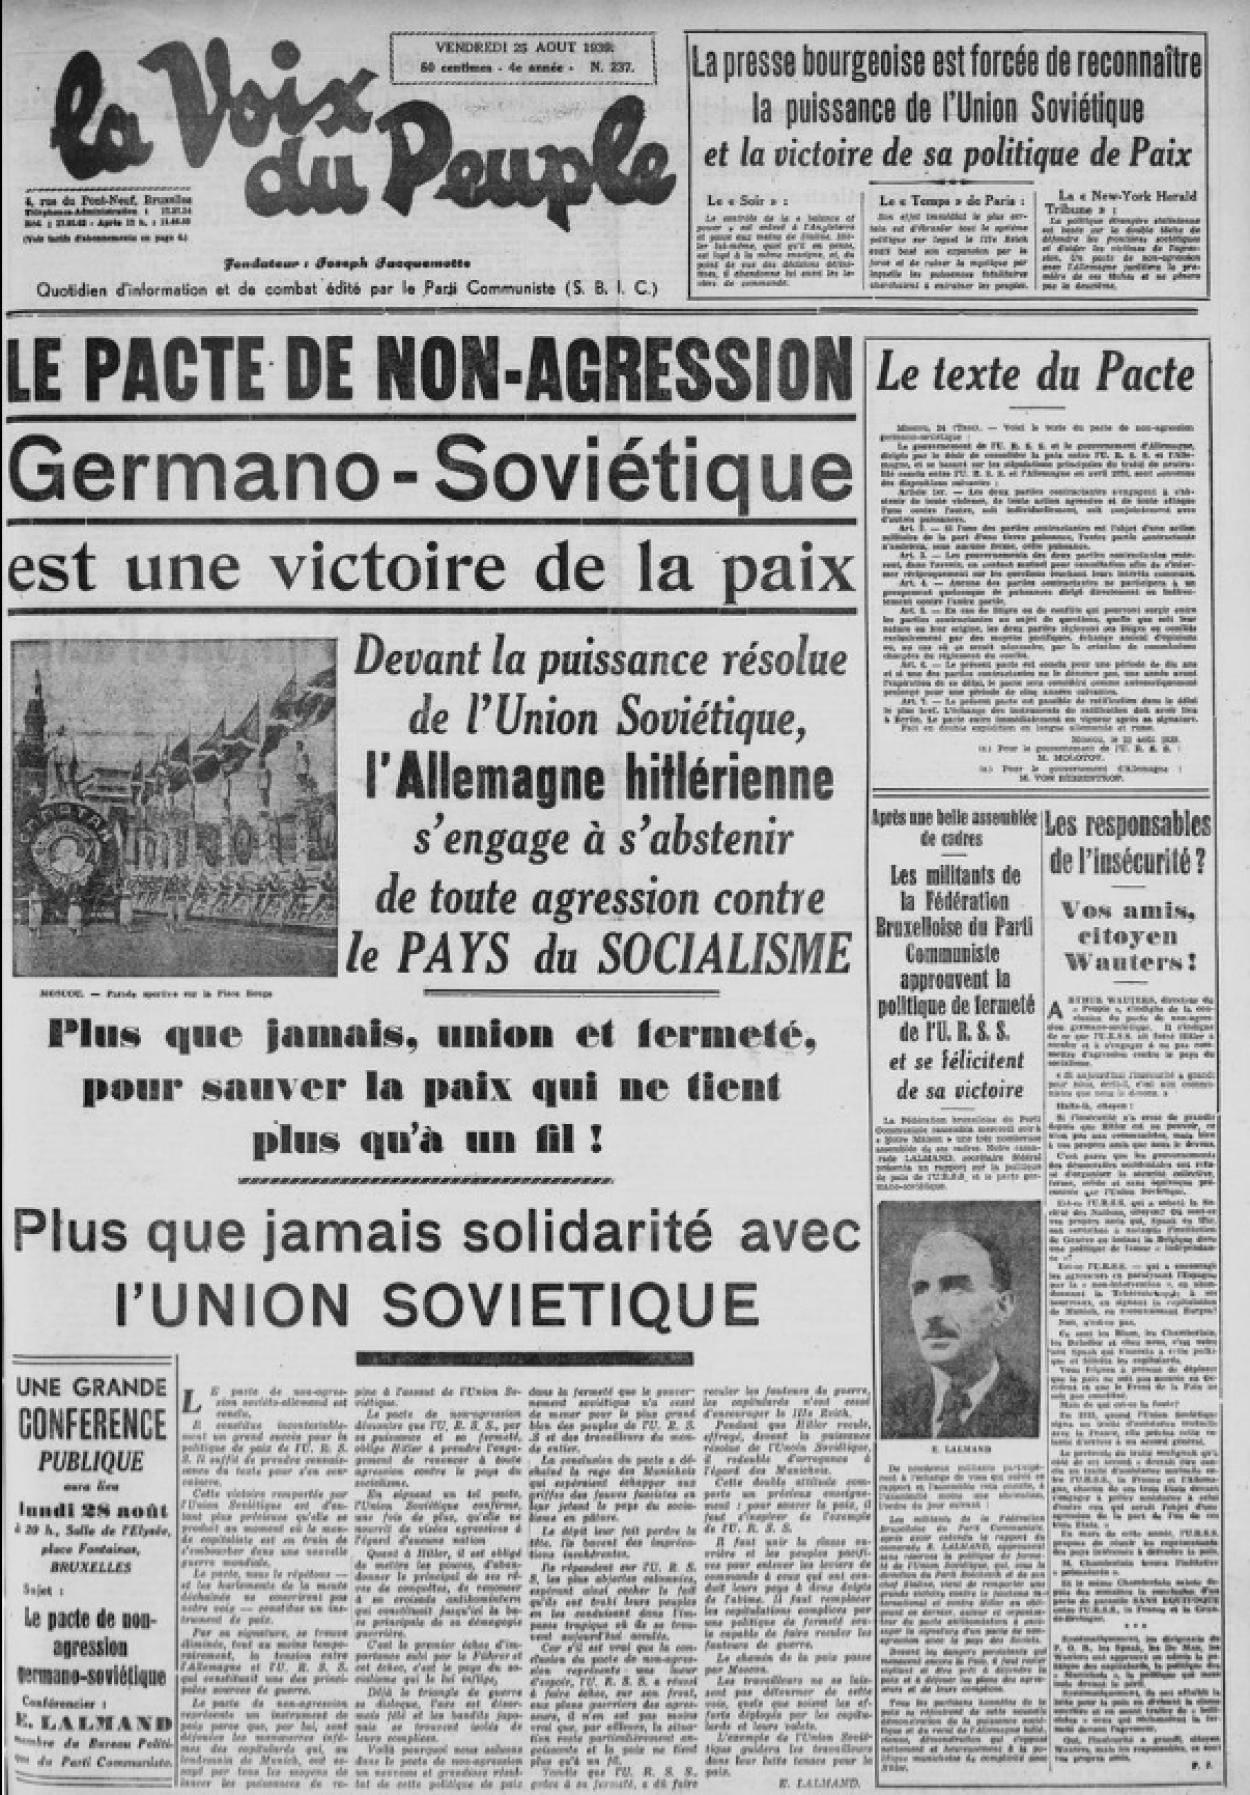 la-voix-du-peuple-25-8-1939.png